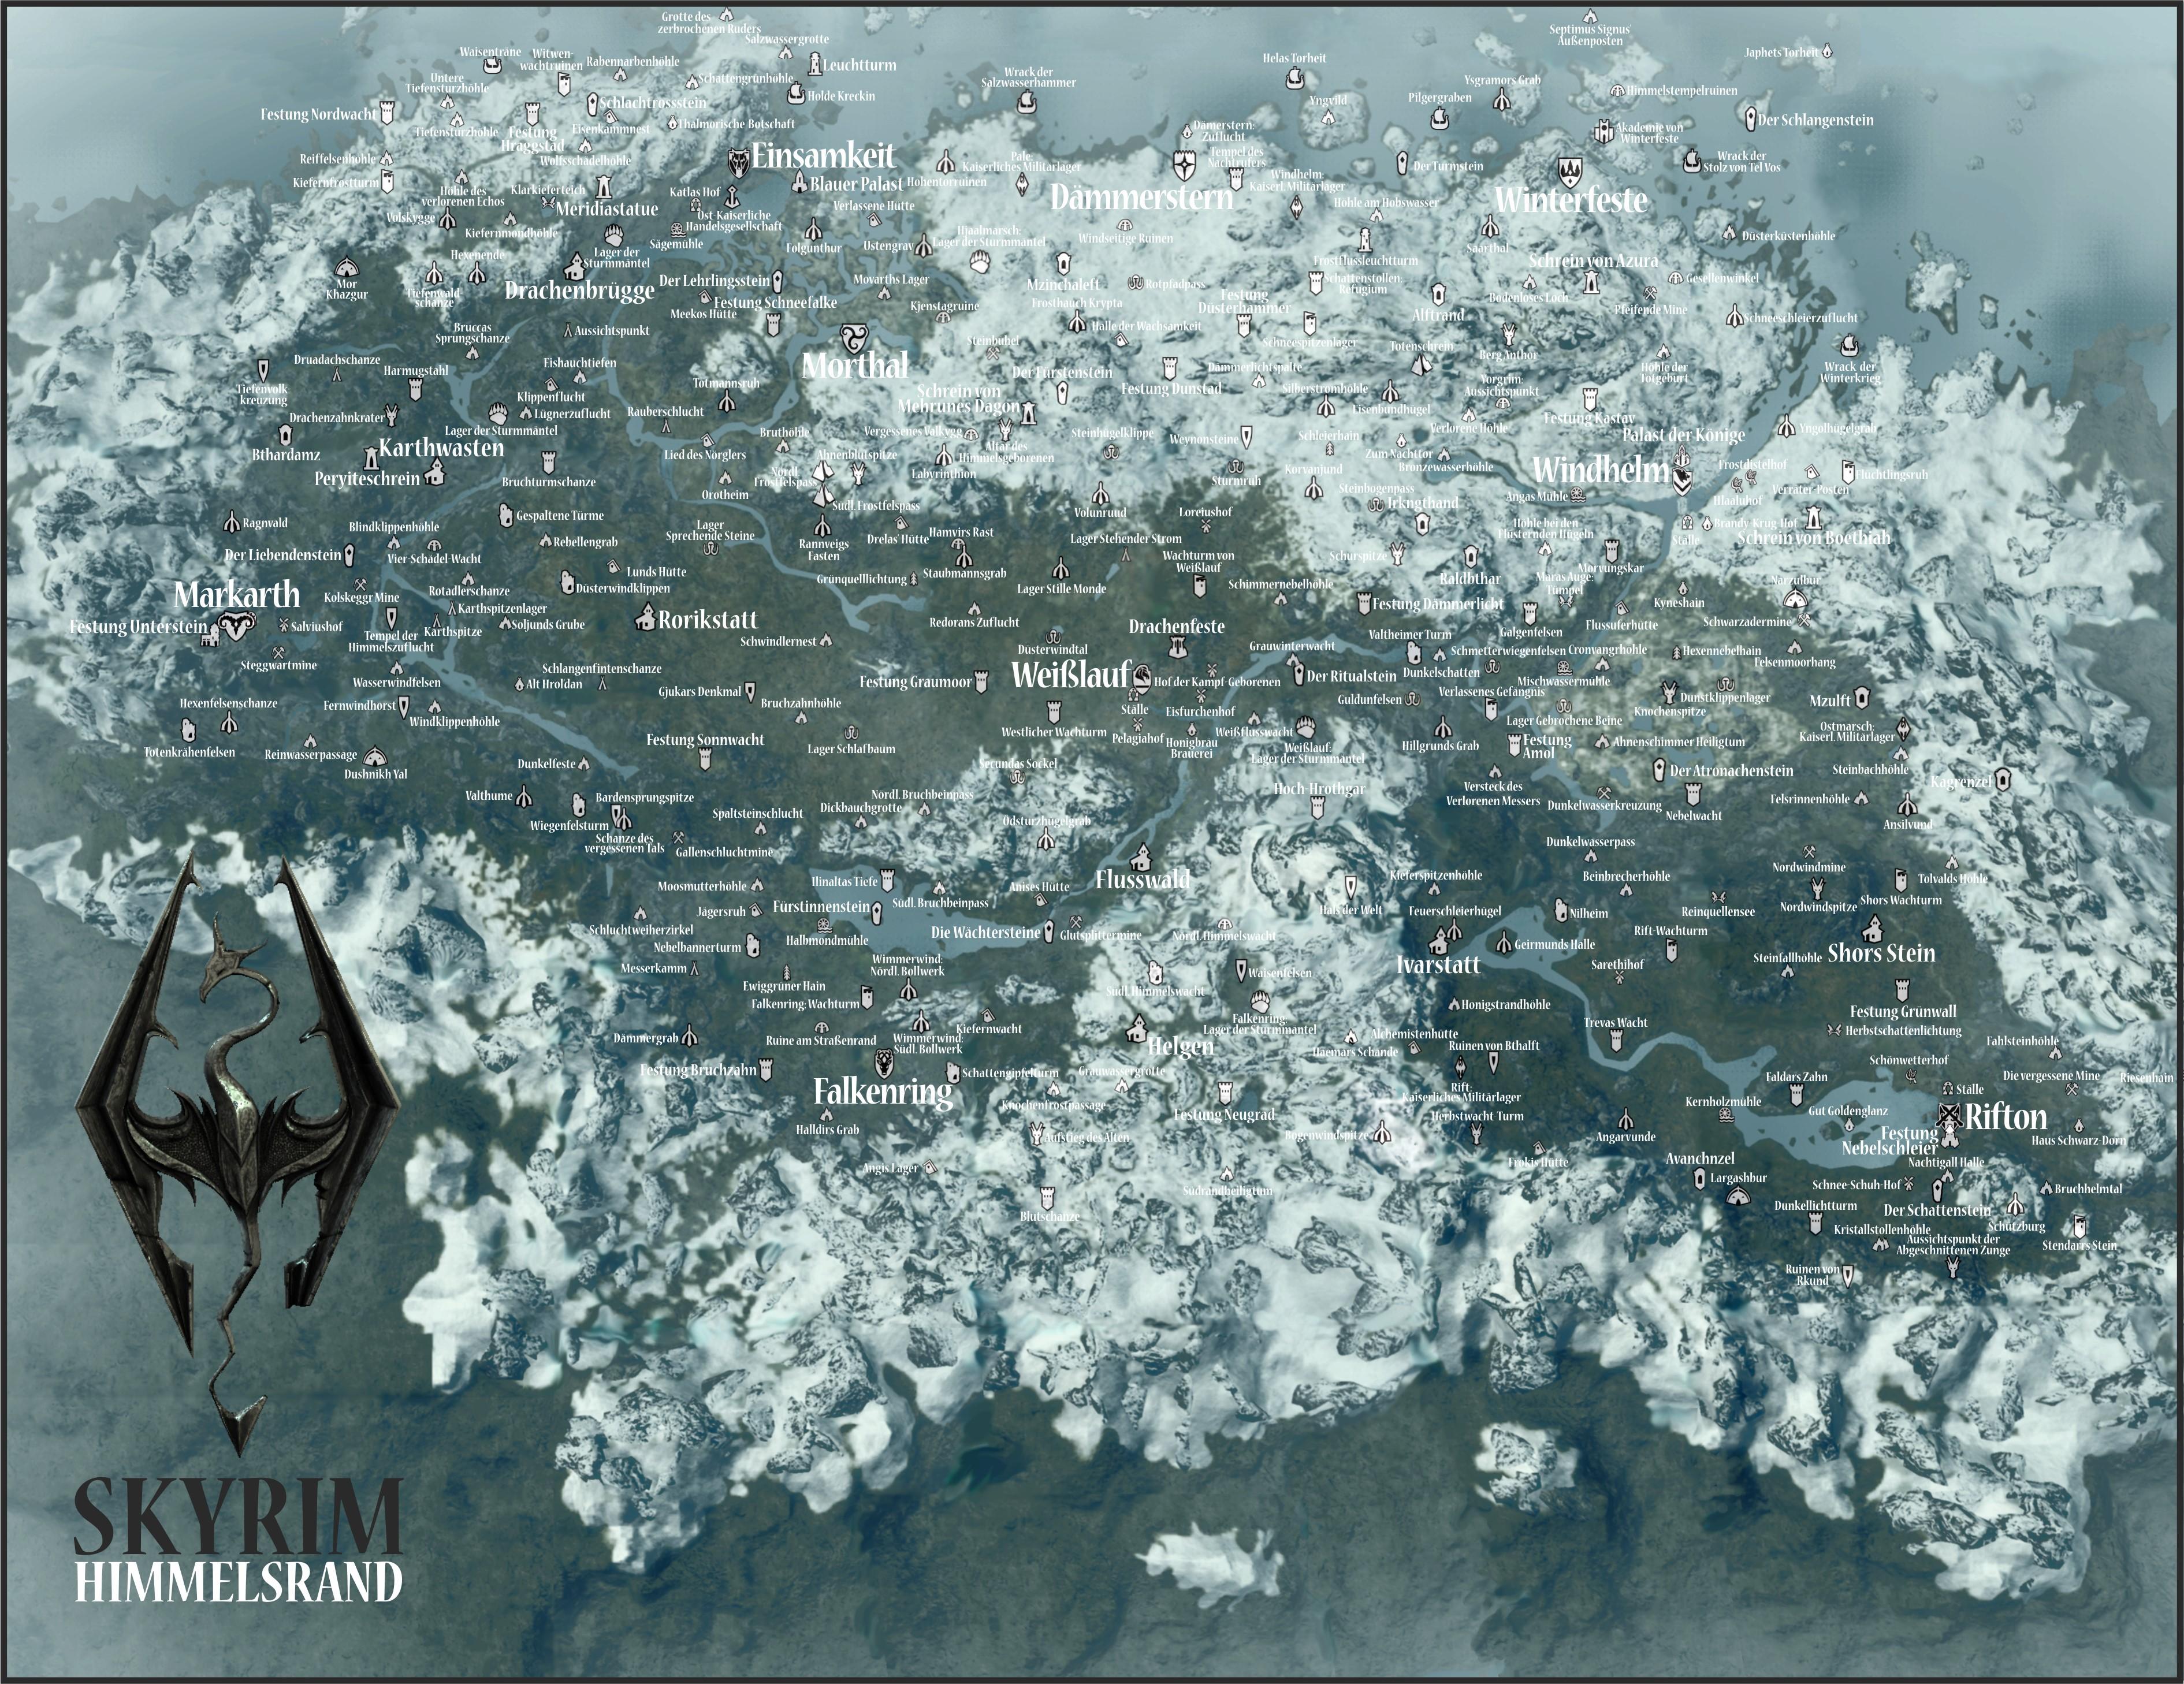 Skyrim Komplette Karte